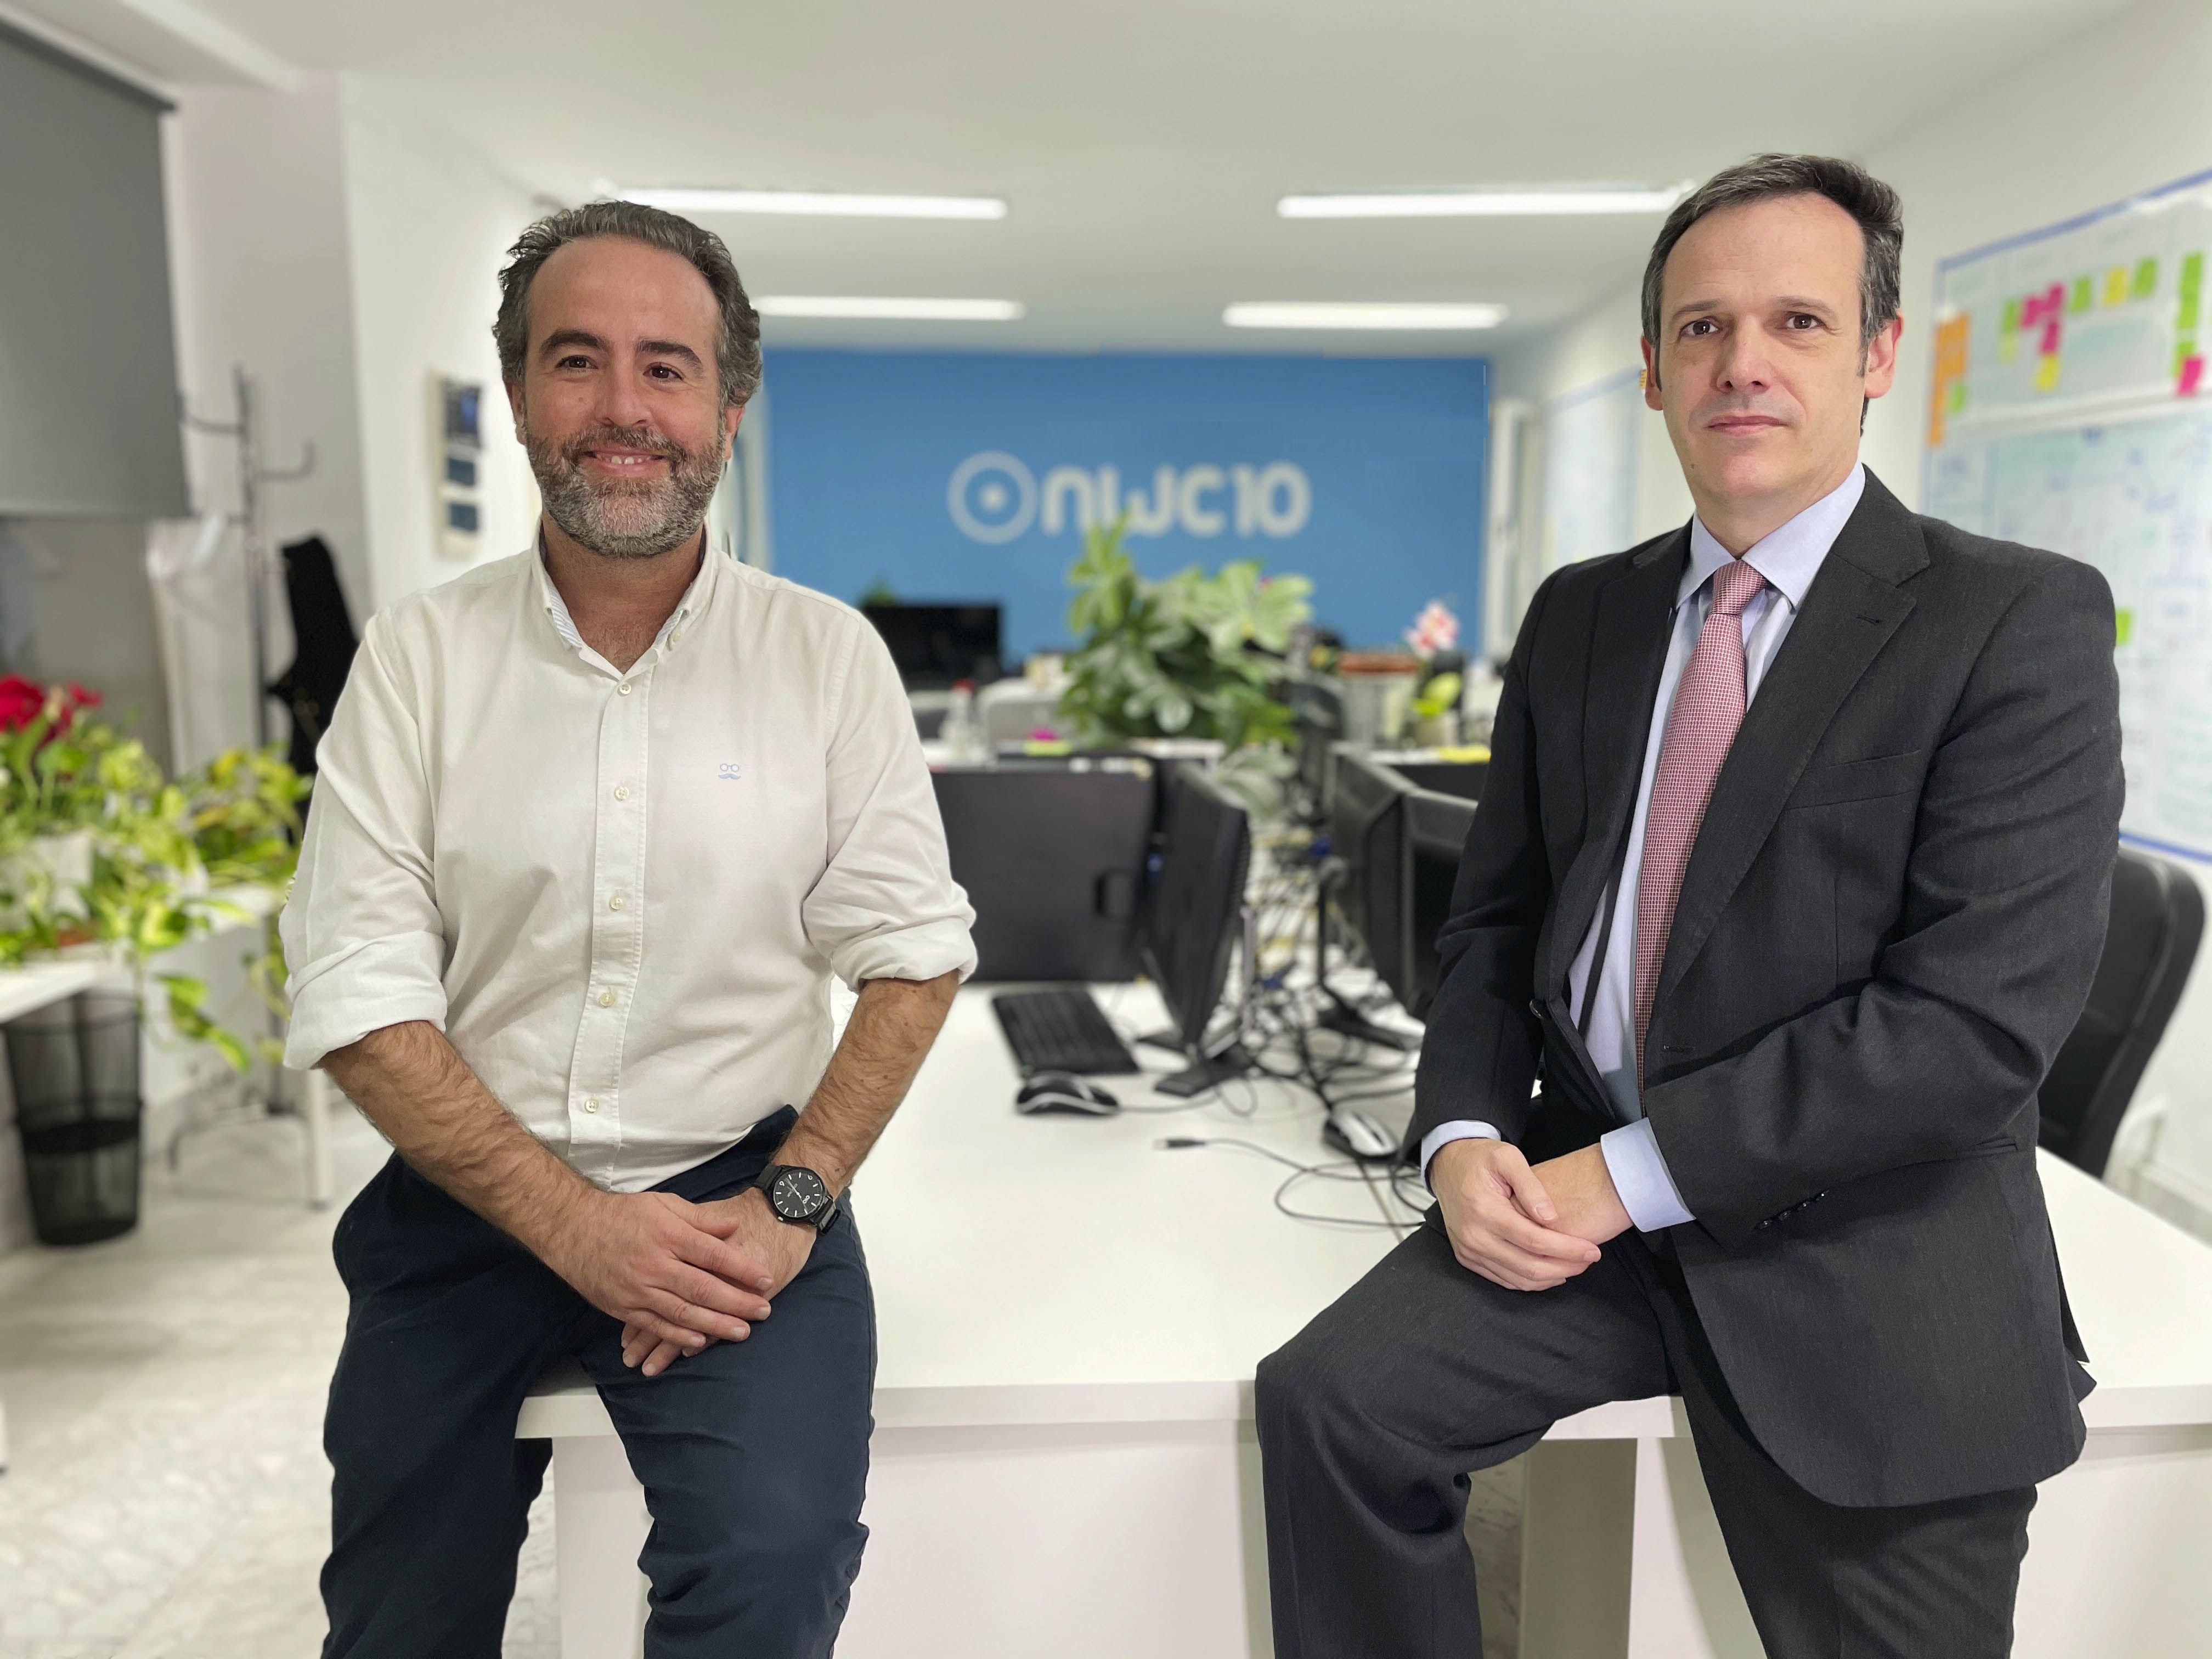 Foto de Tomás García-Merás y José Luis Cáceres en NWC10Lab Talks